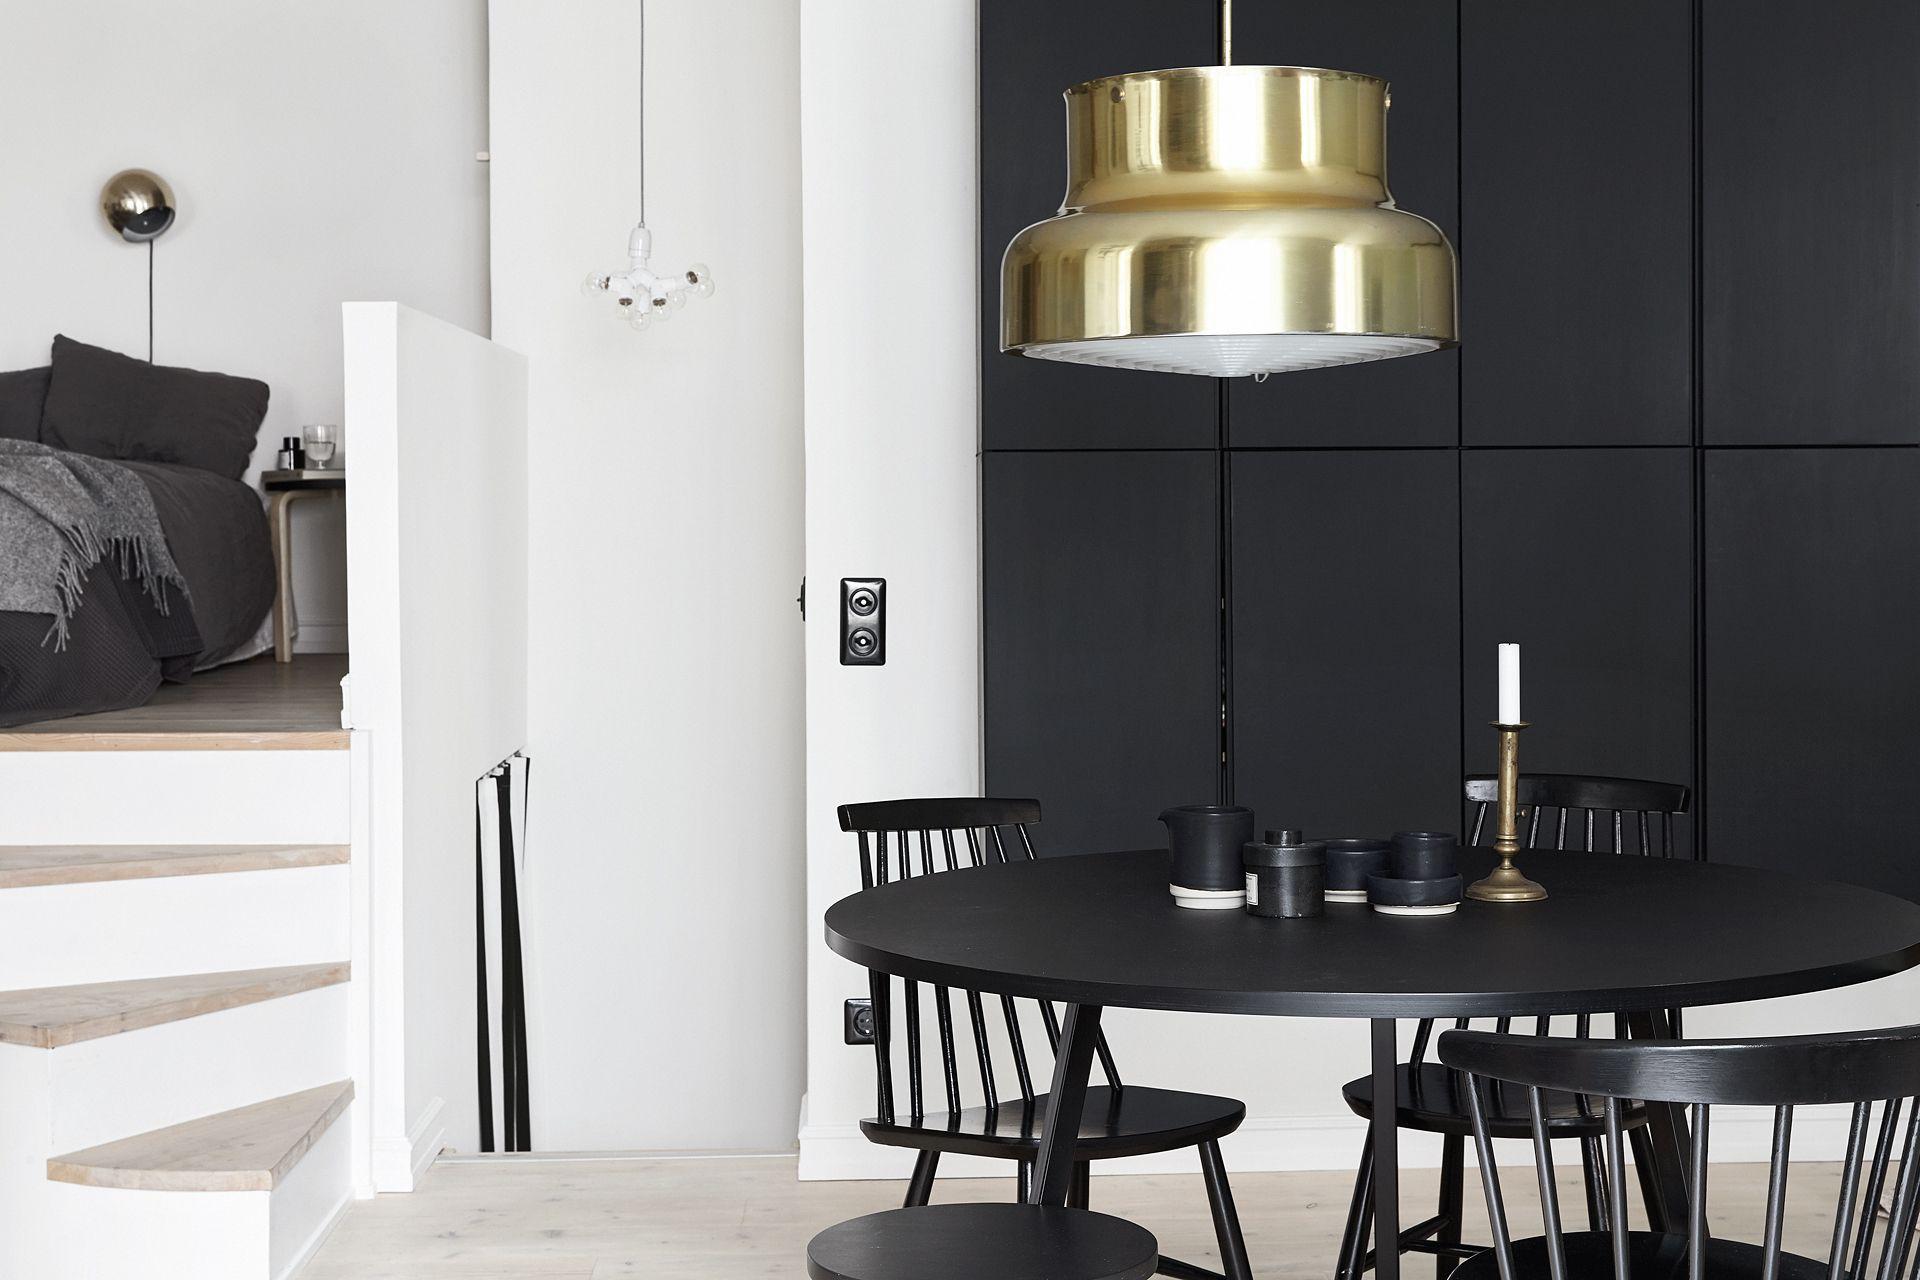 Klein appartement super slim ingericht met scandinavisch design